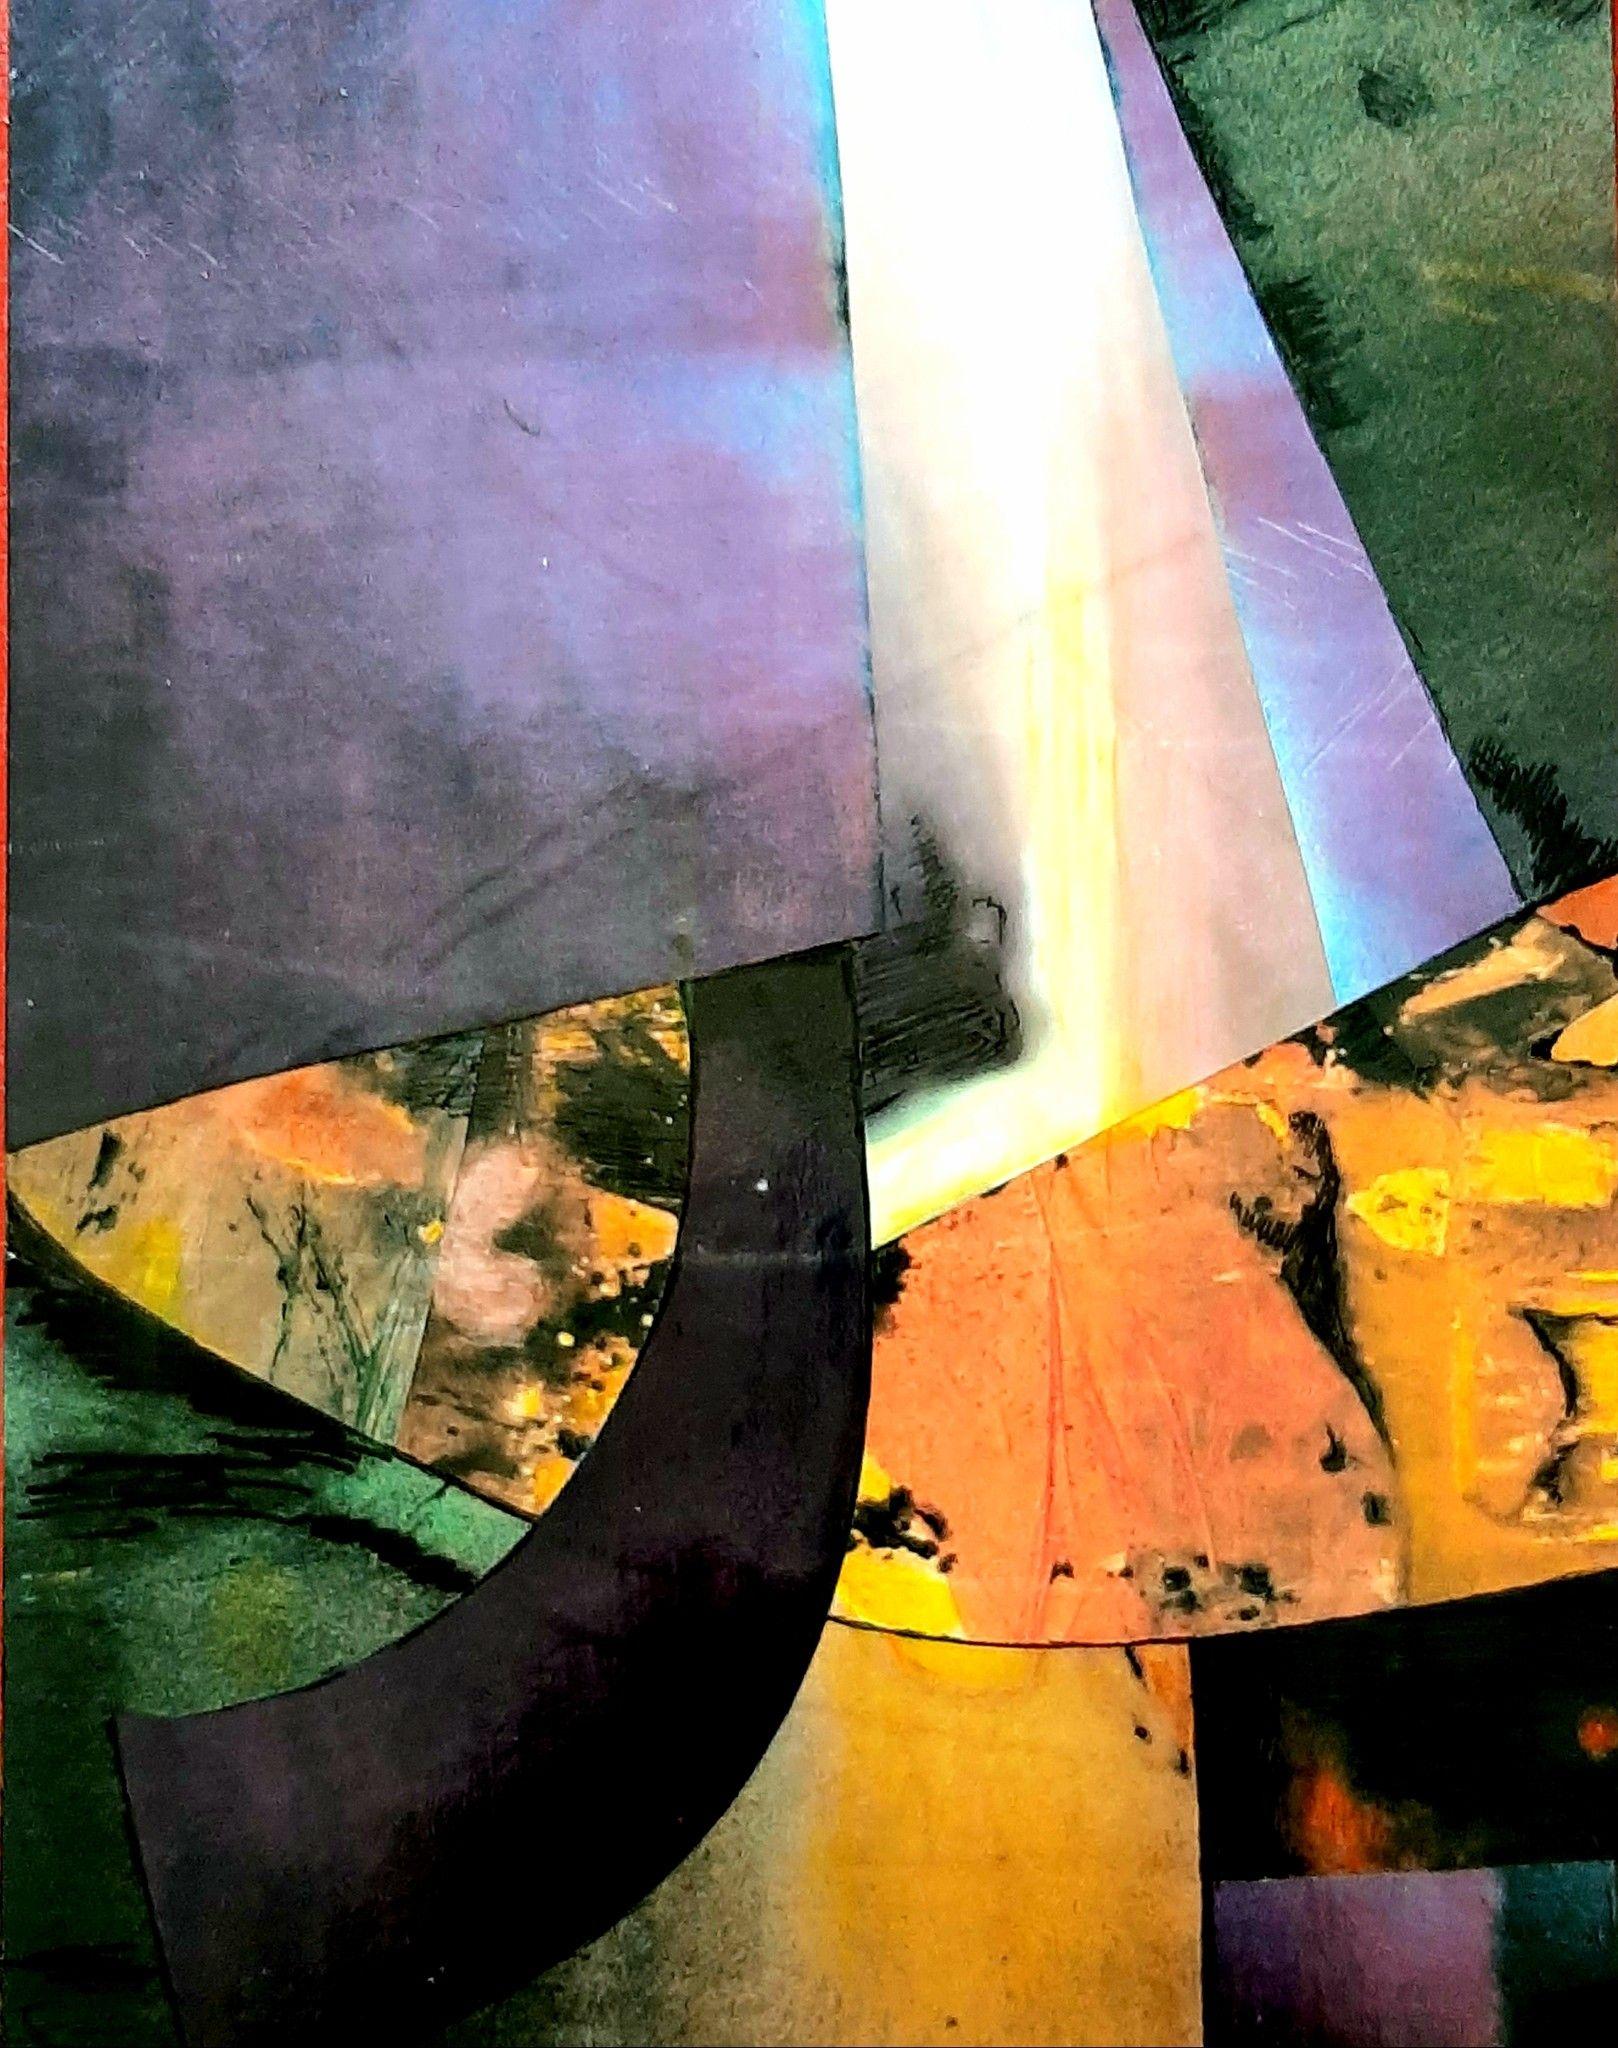 ACRILICO SU TAVOLA MARIE LAURE COLASSON 'STRUTTURA CON LUCE' dimensioni L 30x H 40 cm.